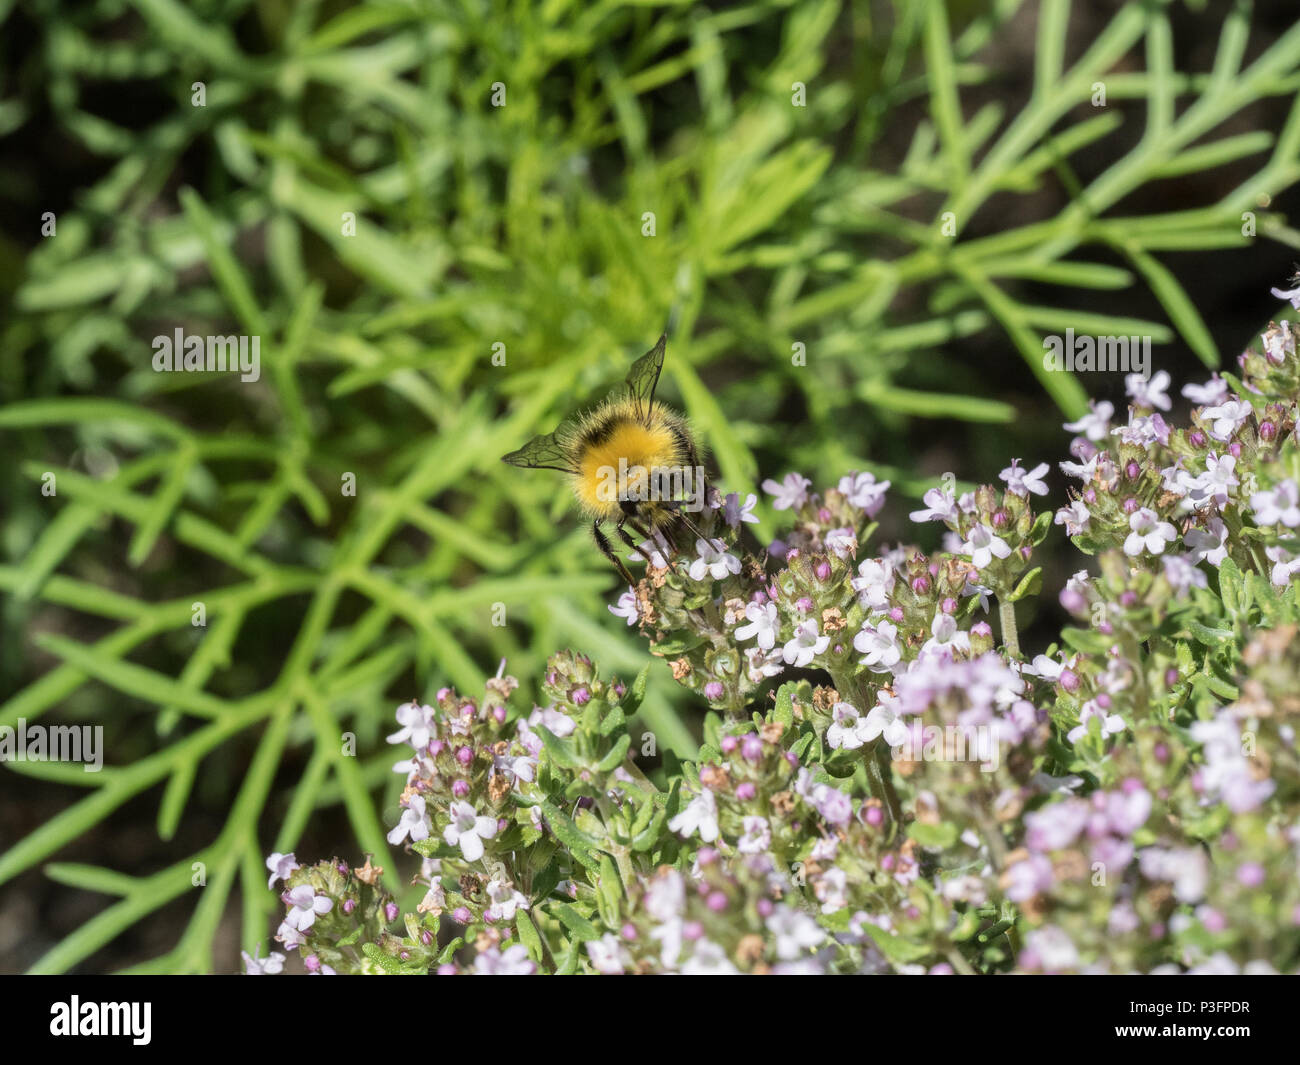 Eine Nahaufnahme von Buff tailed bumble bee Fütterung auf Thymian Blumen Stockbild